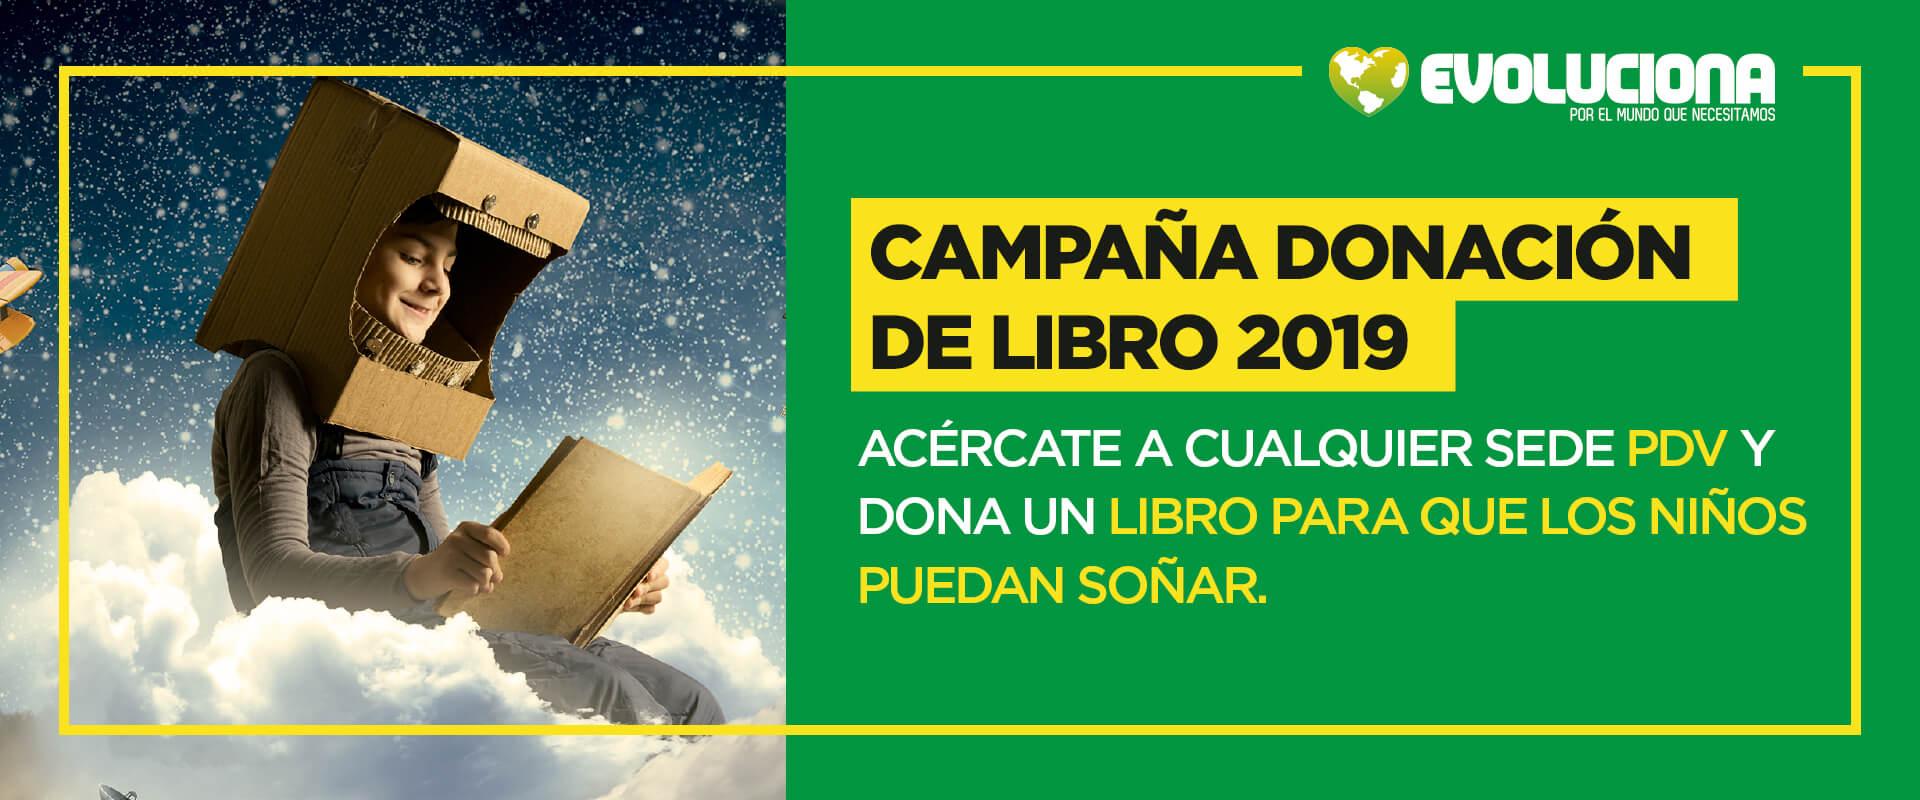 Campaña Donación de Libro